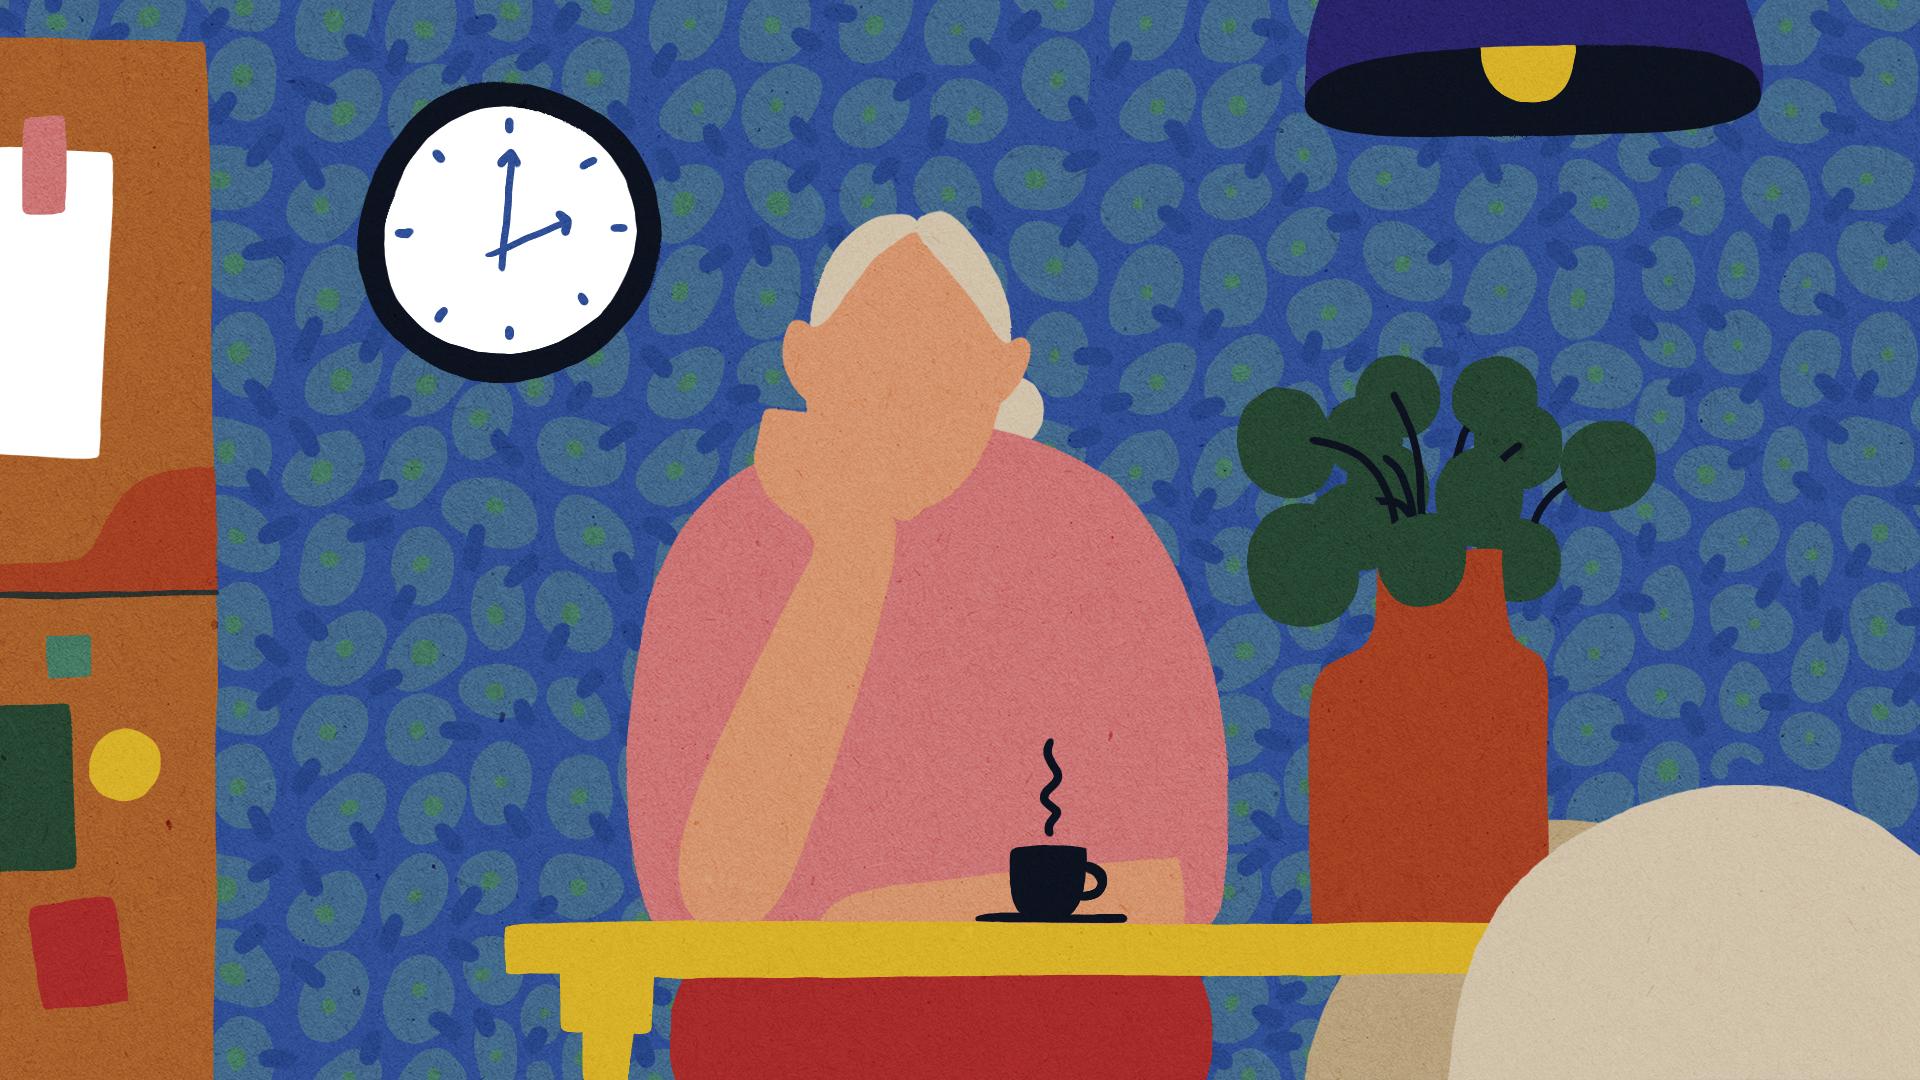 Qual a melhor forma de criar uma perspectiva saudável da velhice? Passando mais tempo com os idosos para descobrir o que faz sentido.